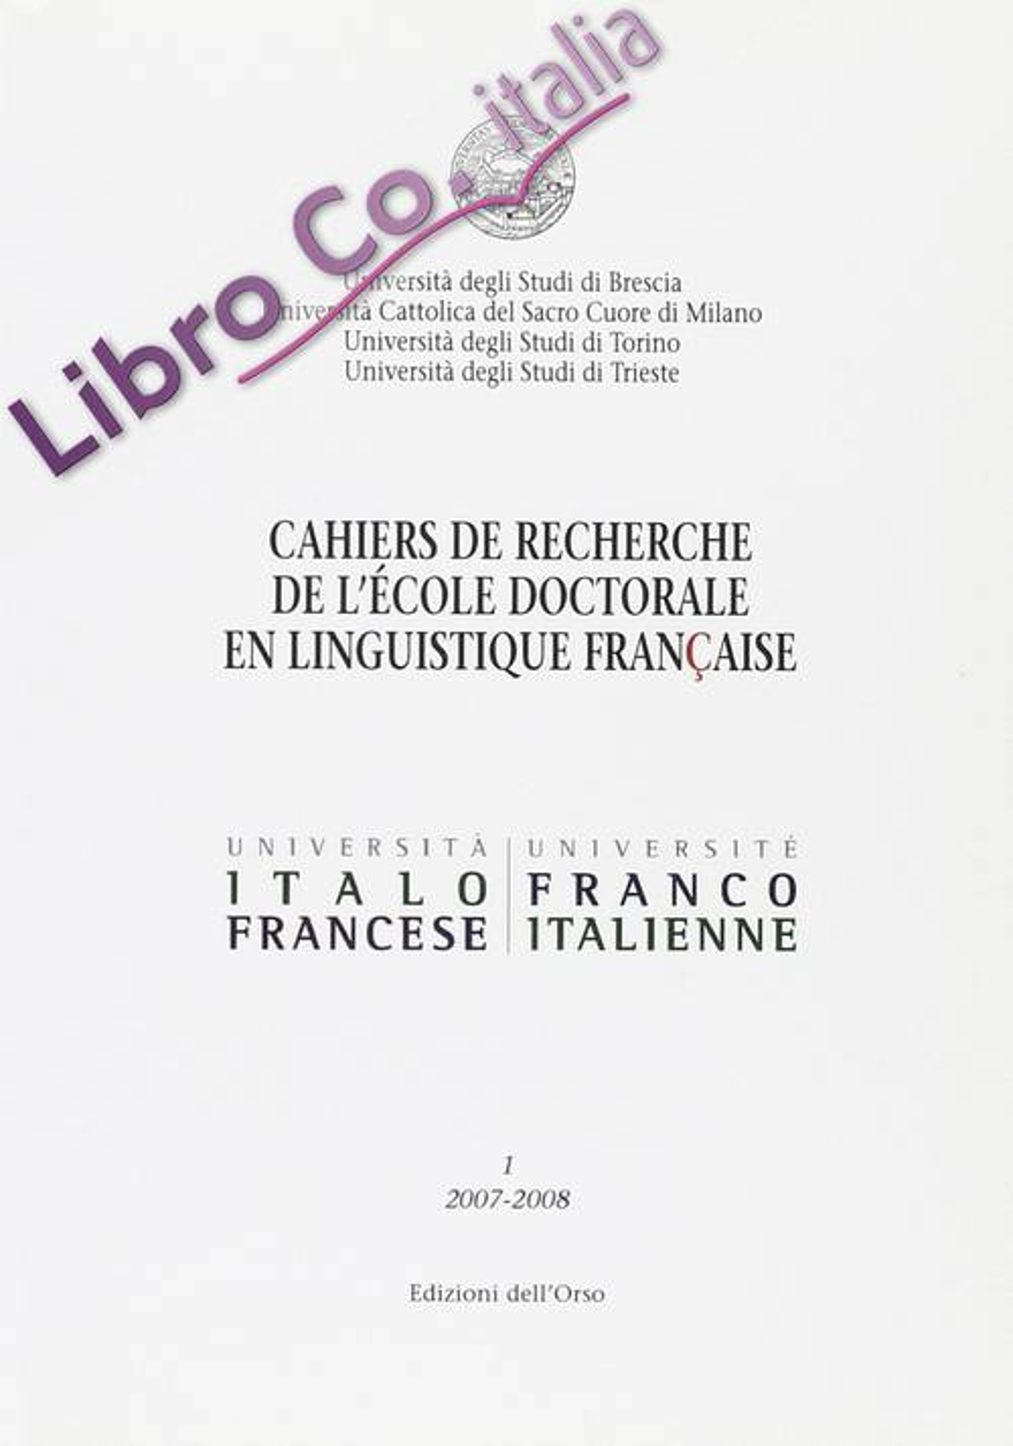 Cahiers du recherche de l'ècole doctorale en linguistque francais (2007-2008). Vol. 1